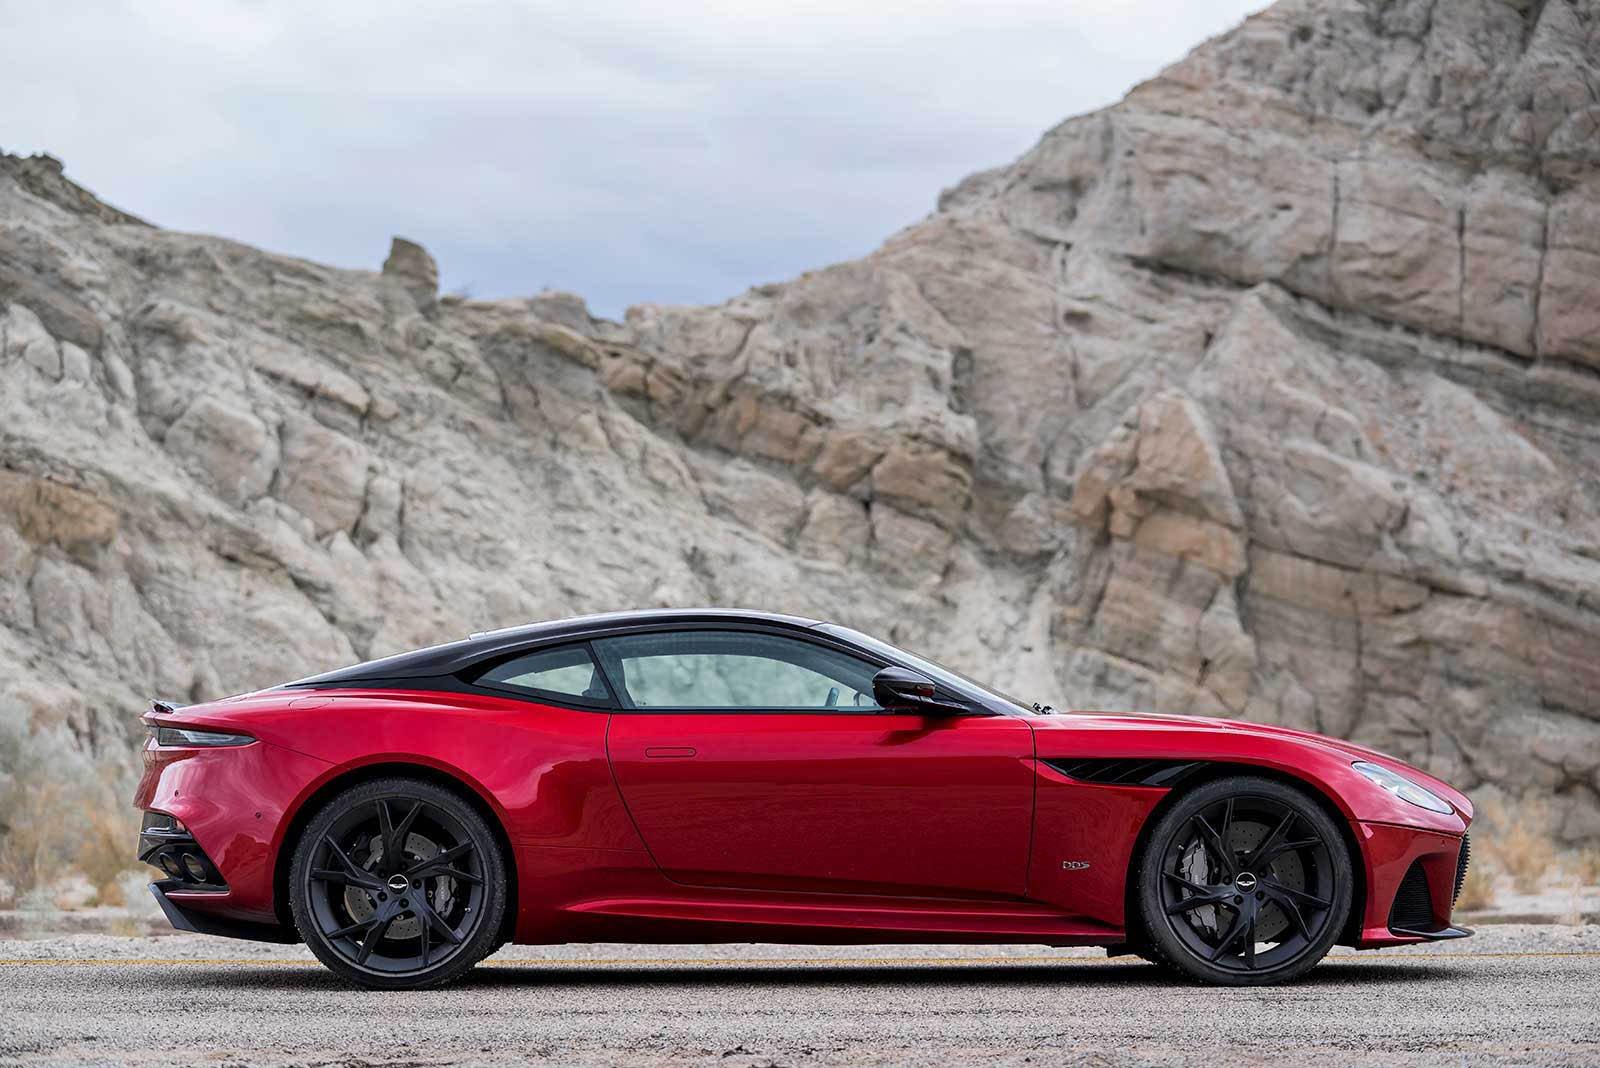 Aston Martin DBS Superleggera 2019 (10)